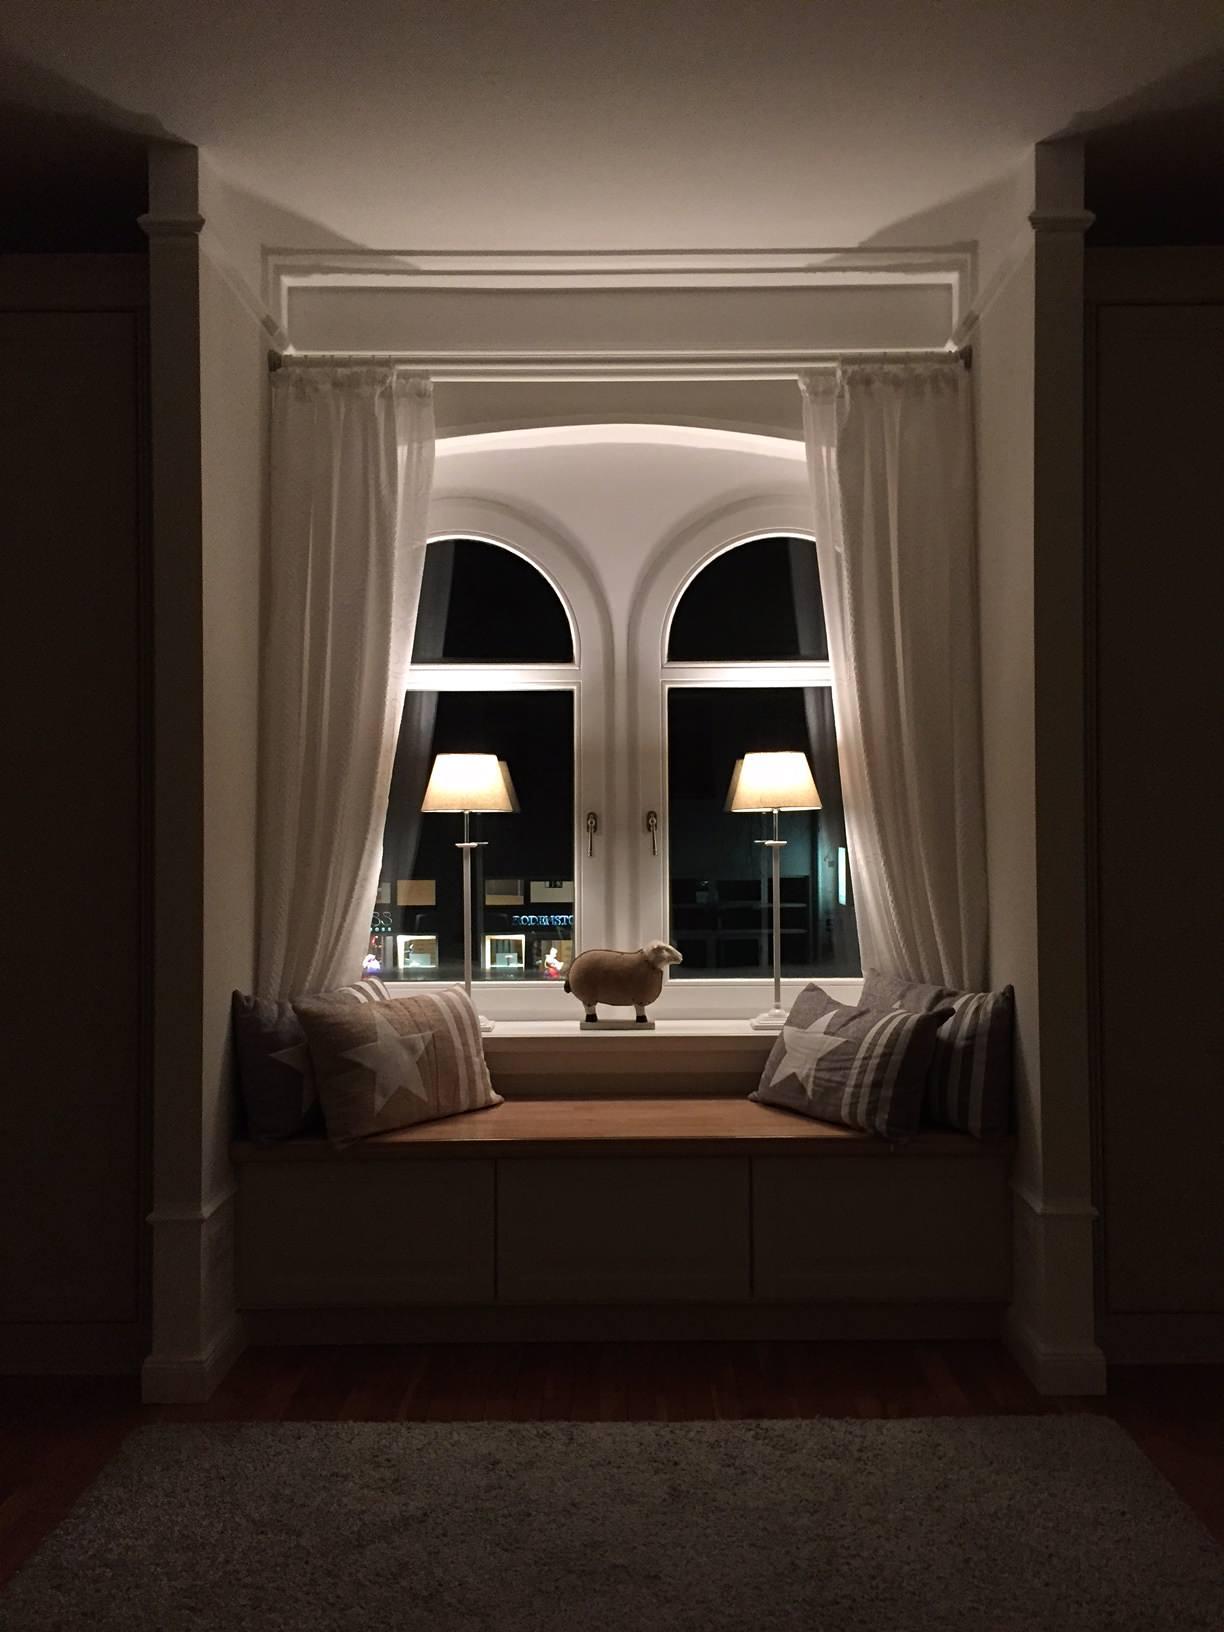 Fenstersitzbank im abendlichen Lampenschein